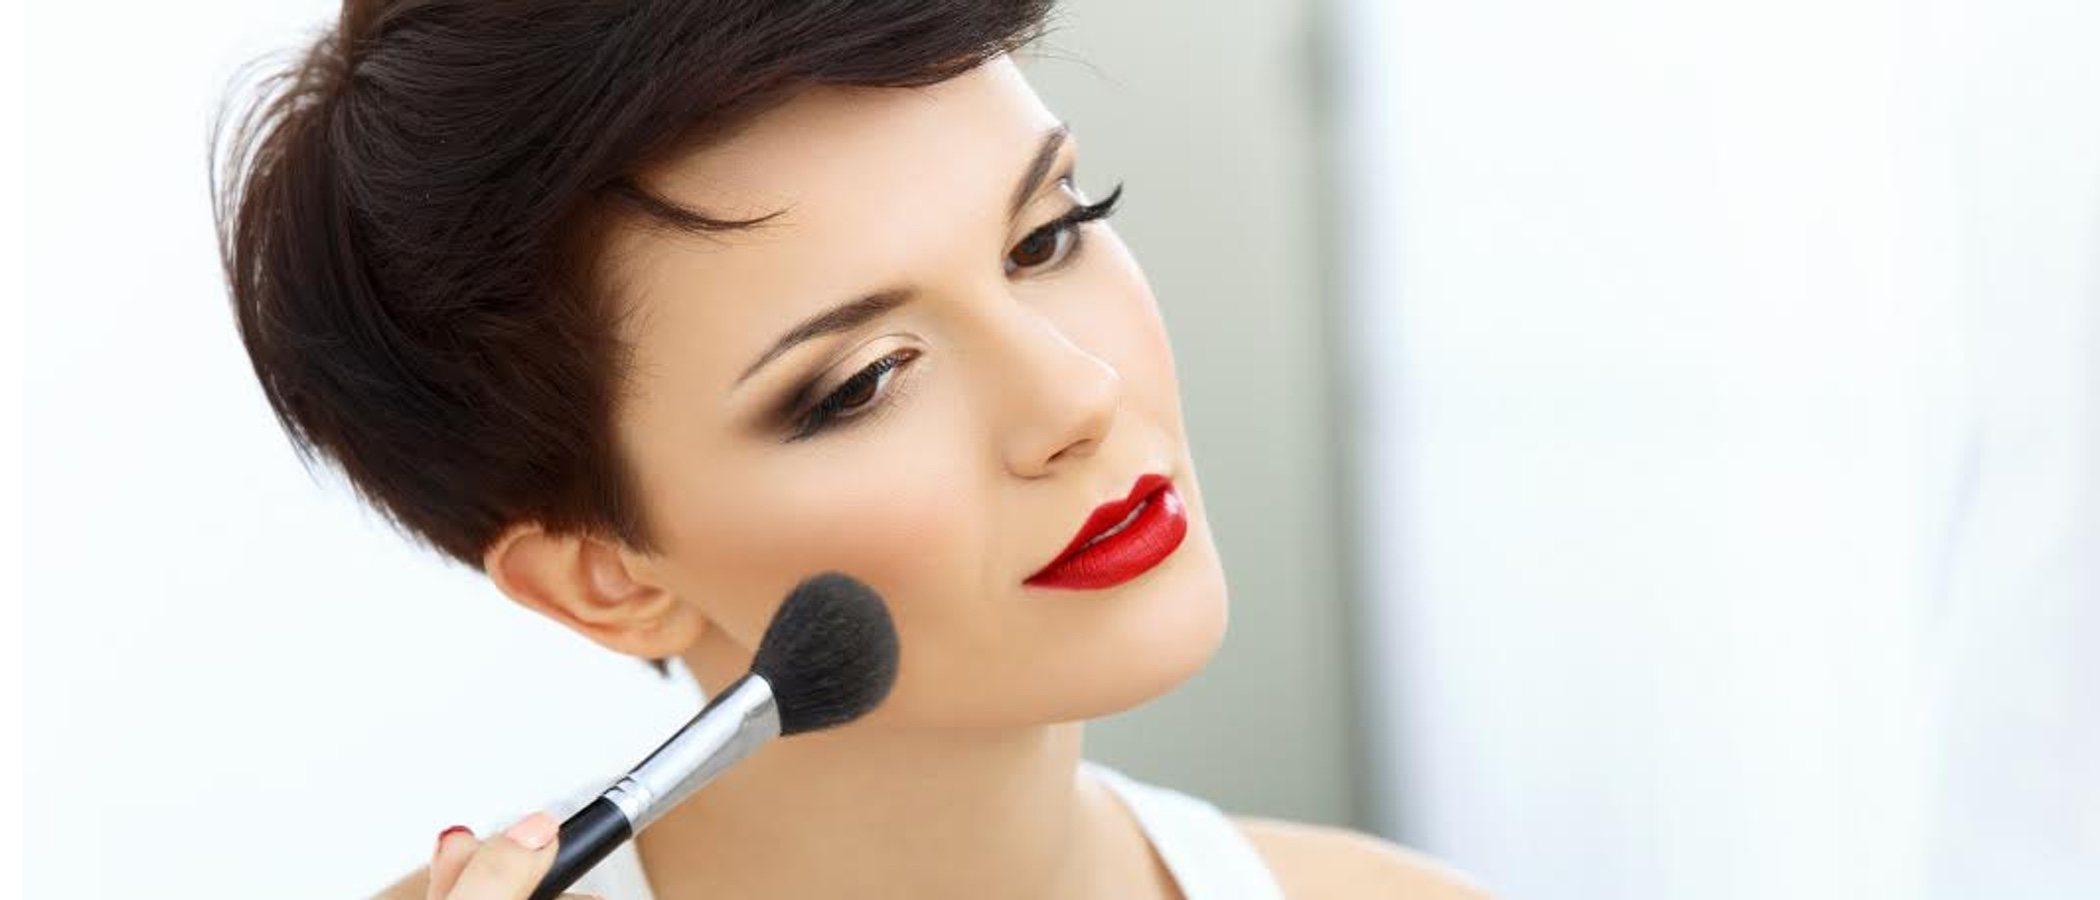 Cómo maquillarse si tienes la cara rectangular